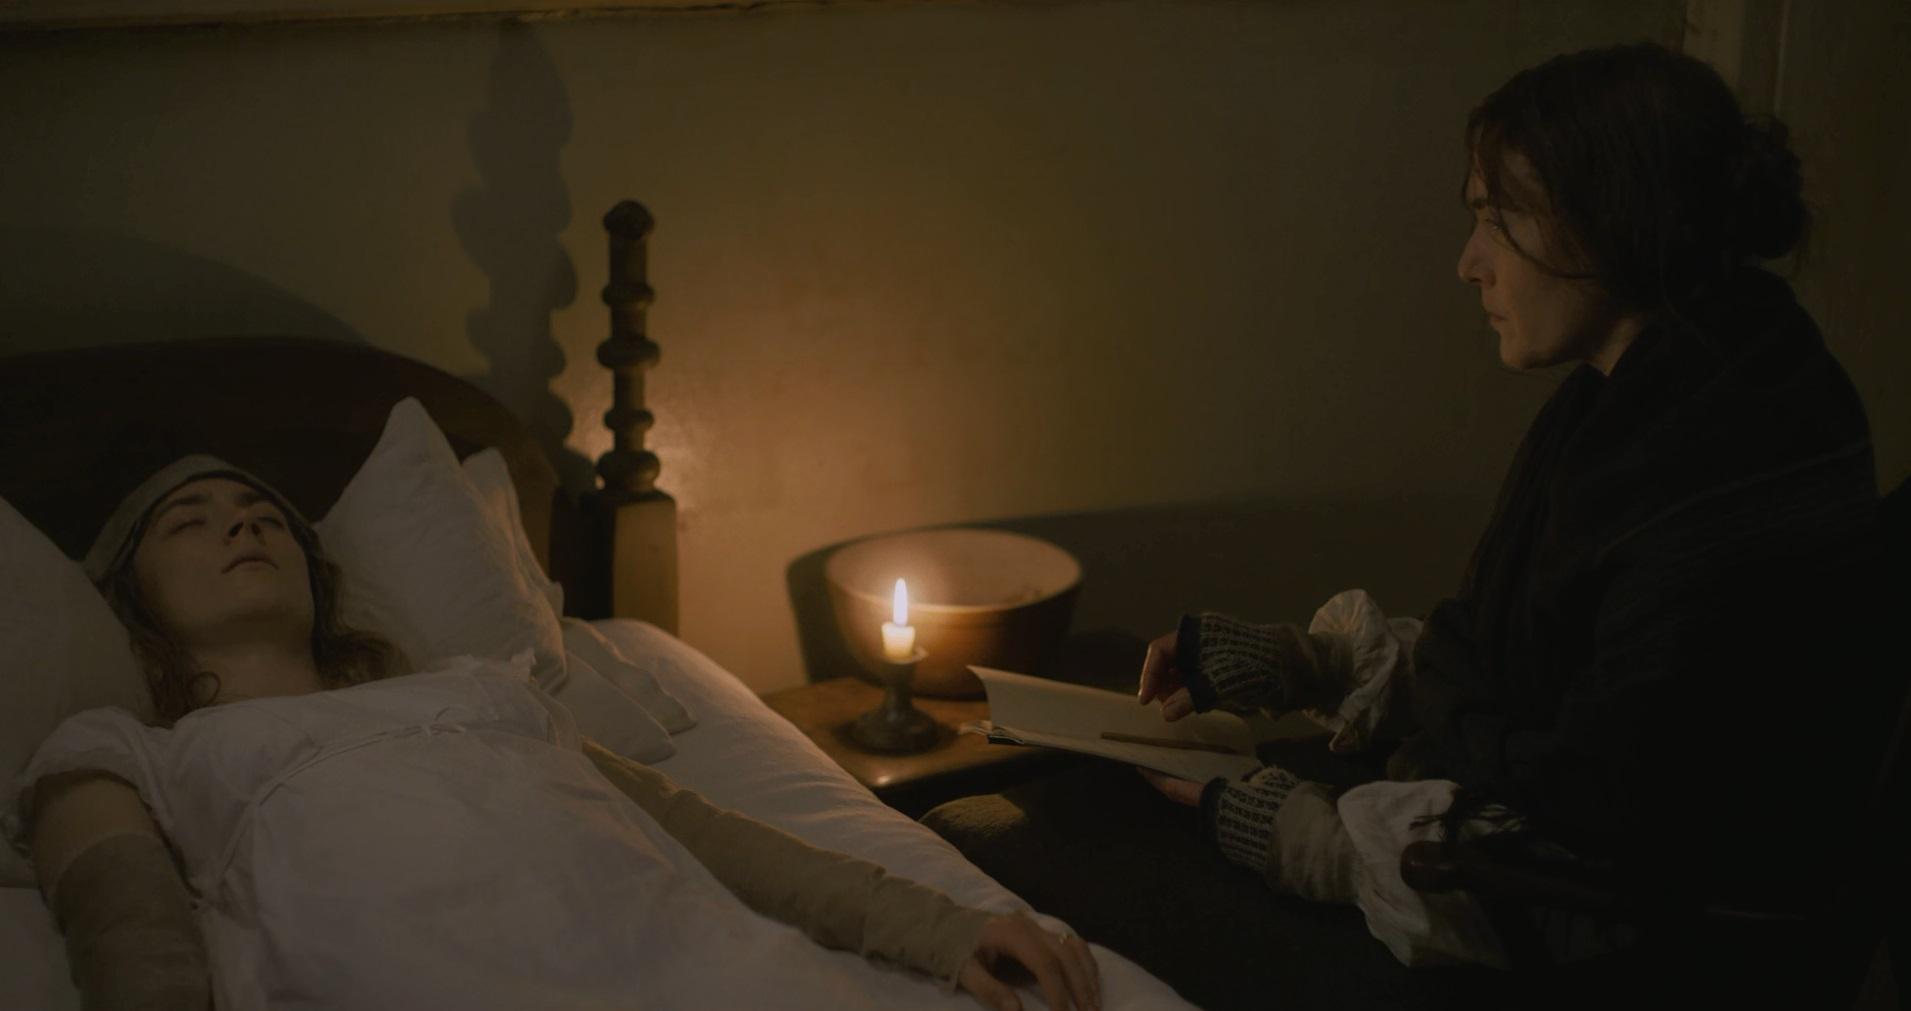 سکانس پرستاری مری از شارلوت در فیلم آمونیت